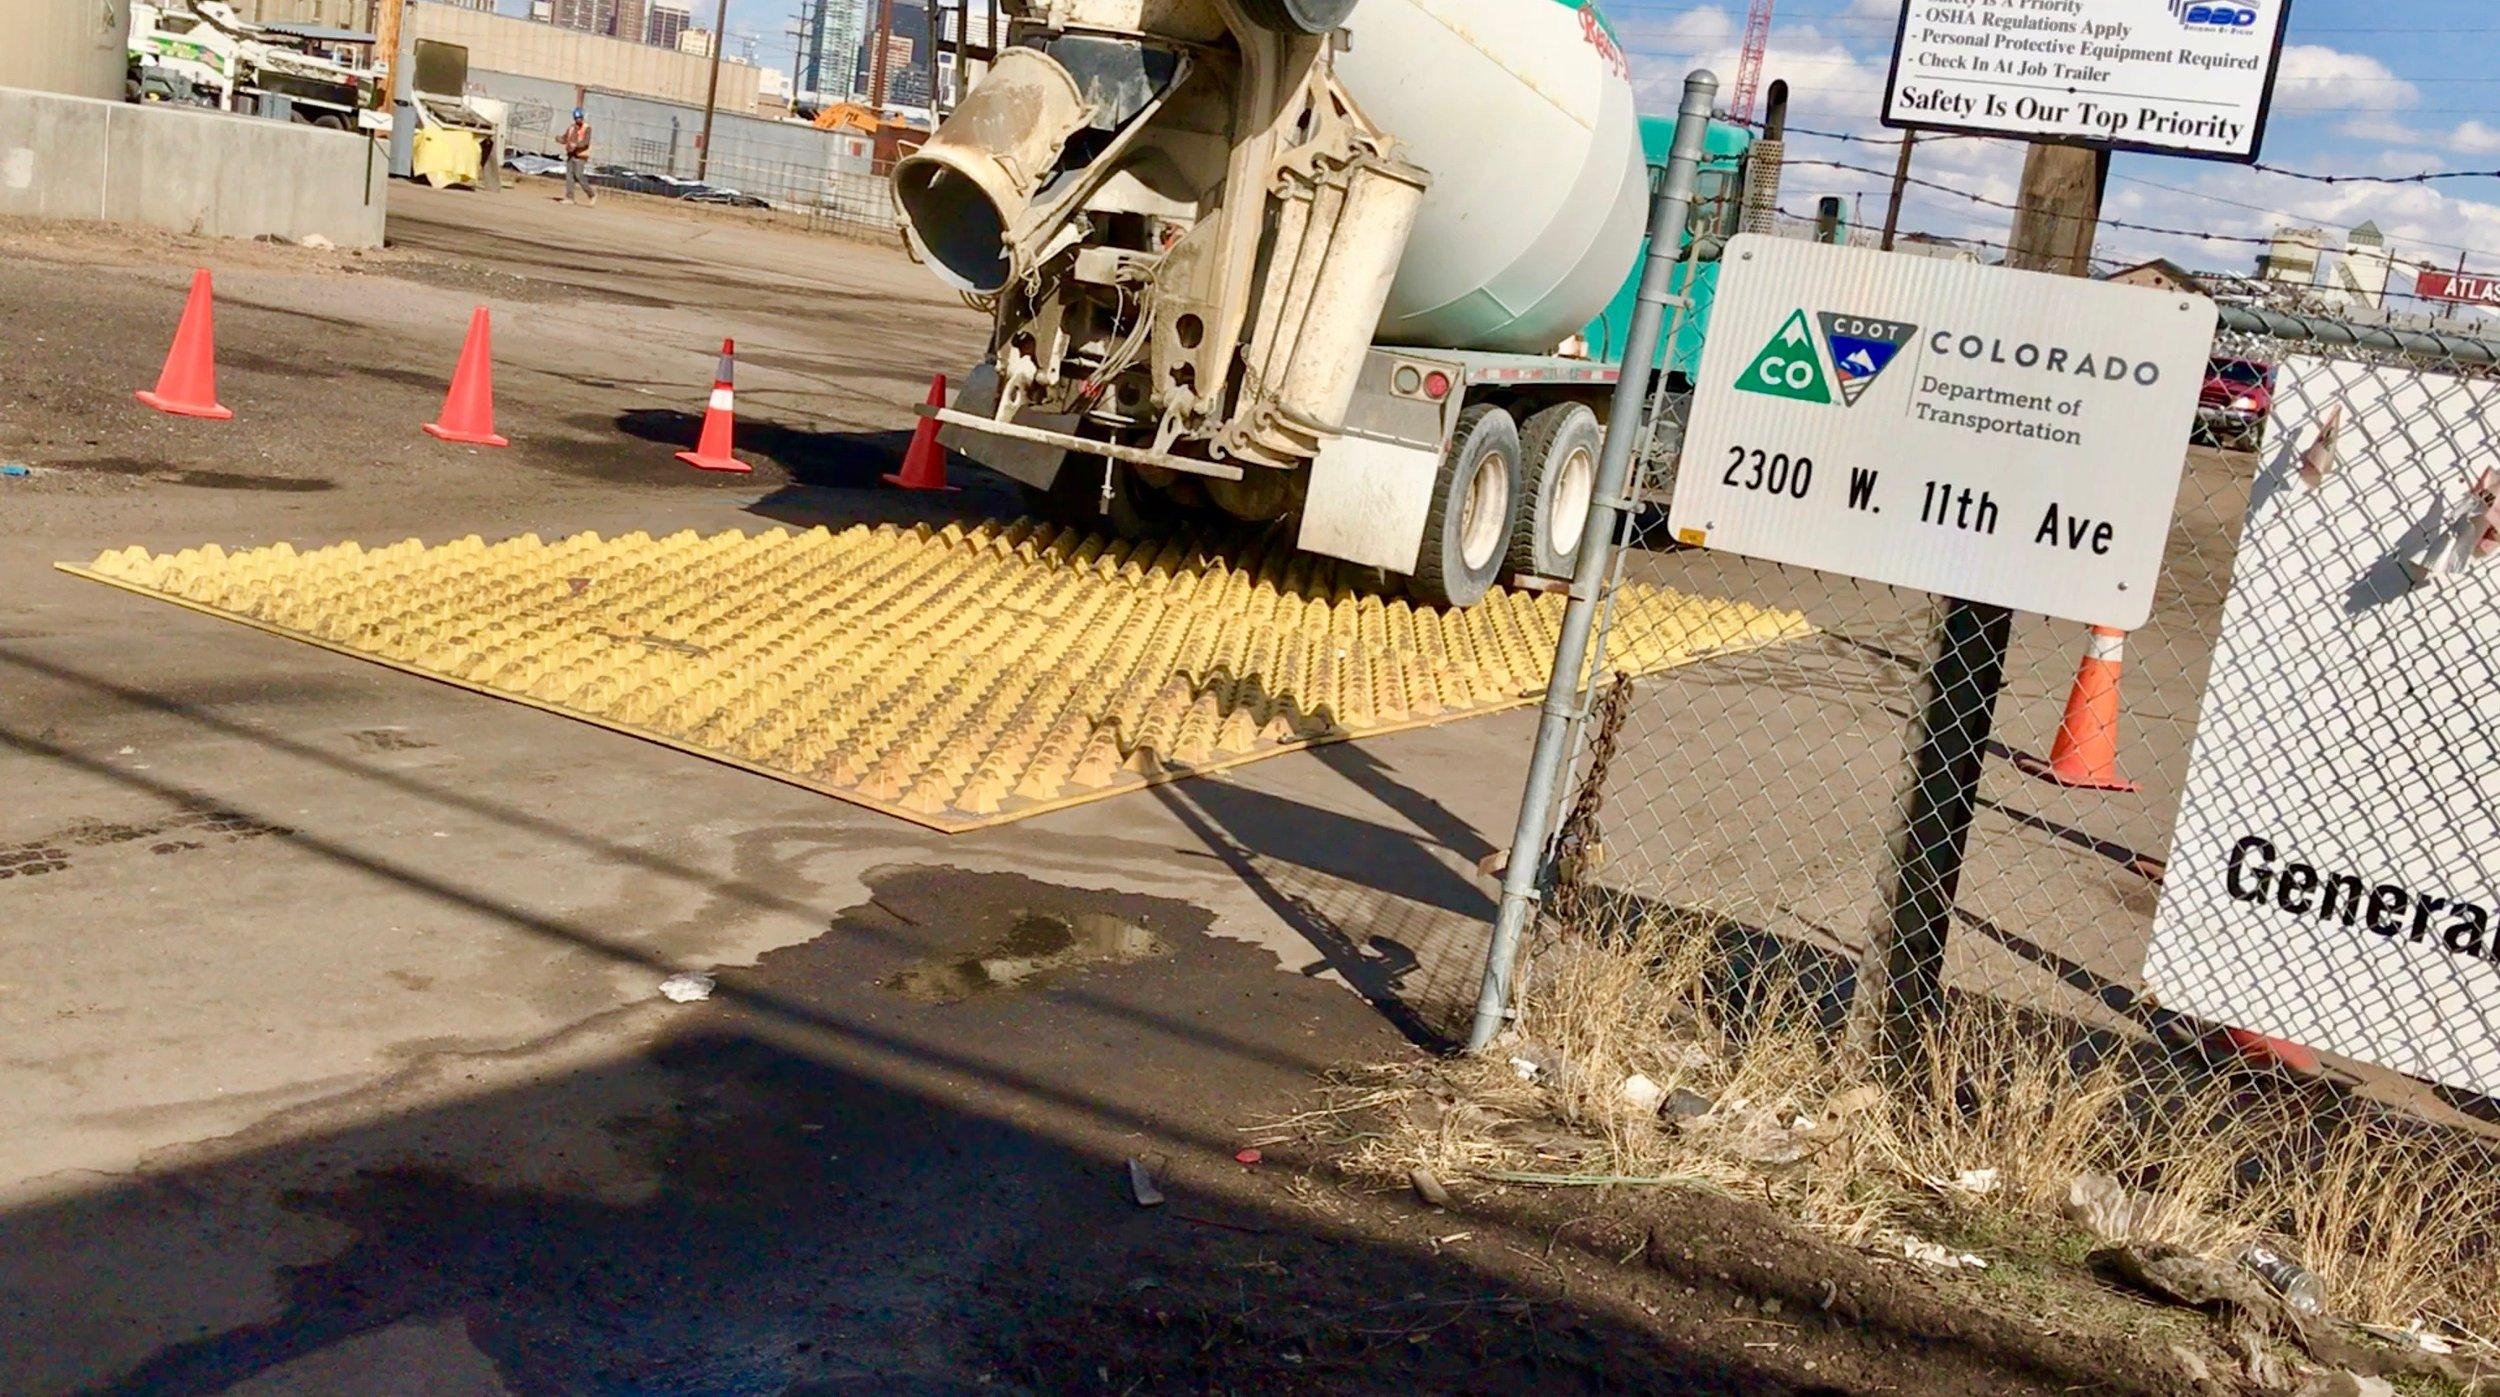 FODS_STABILIZED_CONSTRUCTION_ENTRANCE_rock-less_construction_entrance_track_out_control_Vehicle_Trackout_Control_Vehicle_Track-out_Control_VTC_rip-rap_CDOT_construction_entrance_Colorado_Construction_entrance_asphalt_3.jpg